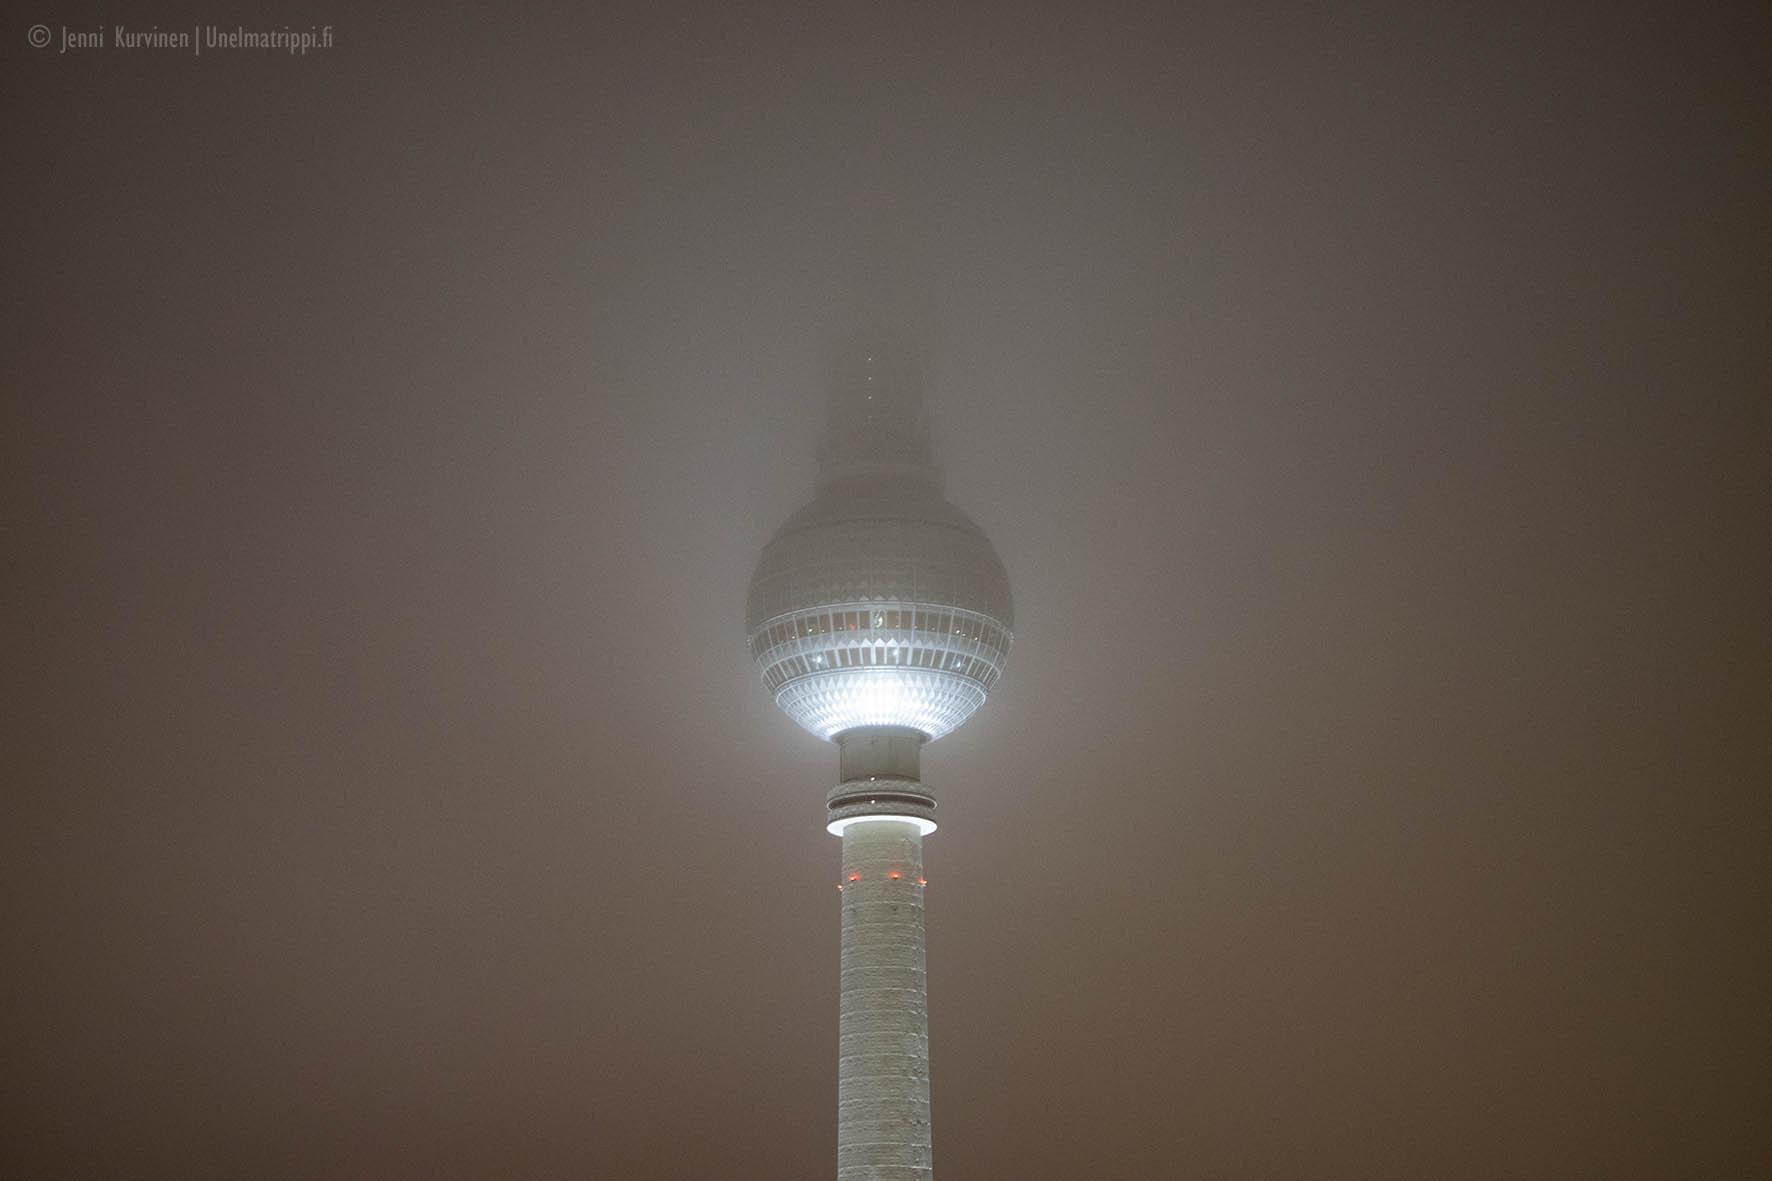 Berliinin televisiotornin huippu Park Inn Berlin -hotellin näköalatasanteelta katsoen sumuisella säällä